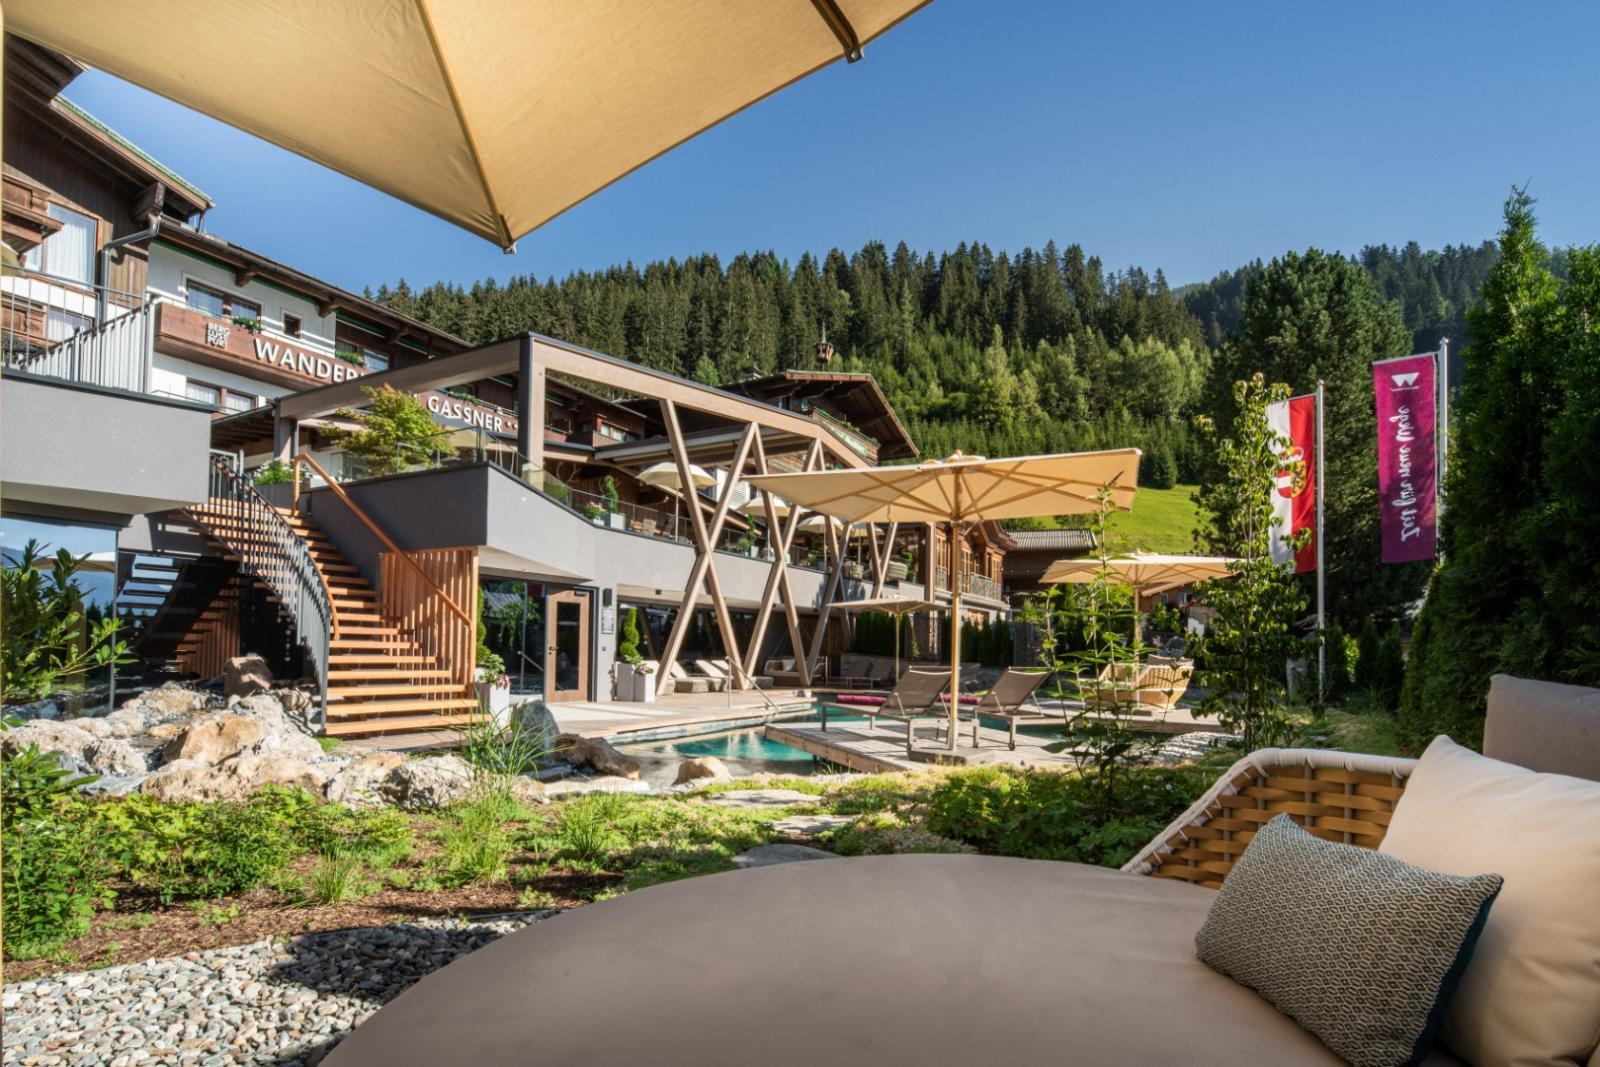 Farb-Therapie: Foto vom Wellnesshotel Hotel Gassner ****Superior   Wellness Salzburger Land